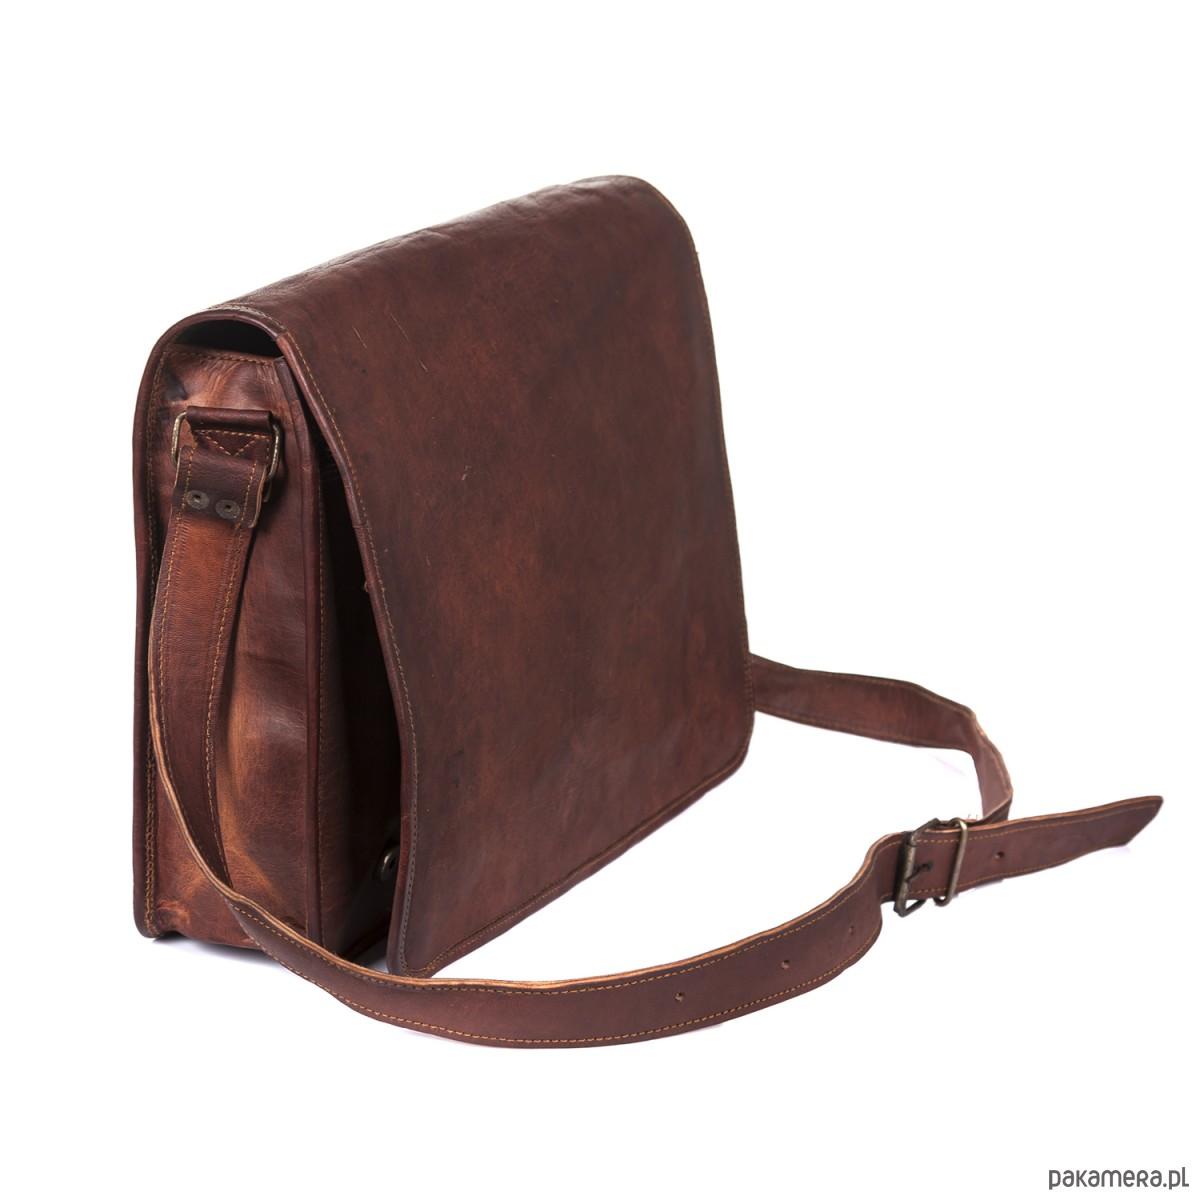 6f982525b41aa Skórzana torba na ramię ZADRA BAG - torby na ramię - unisex - Pakamera.pl